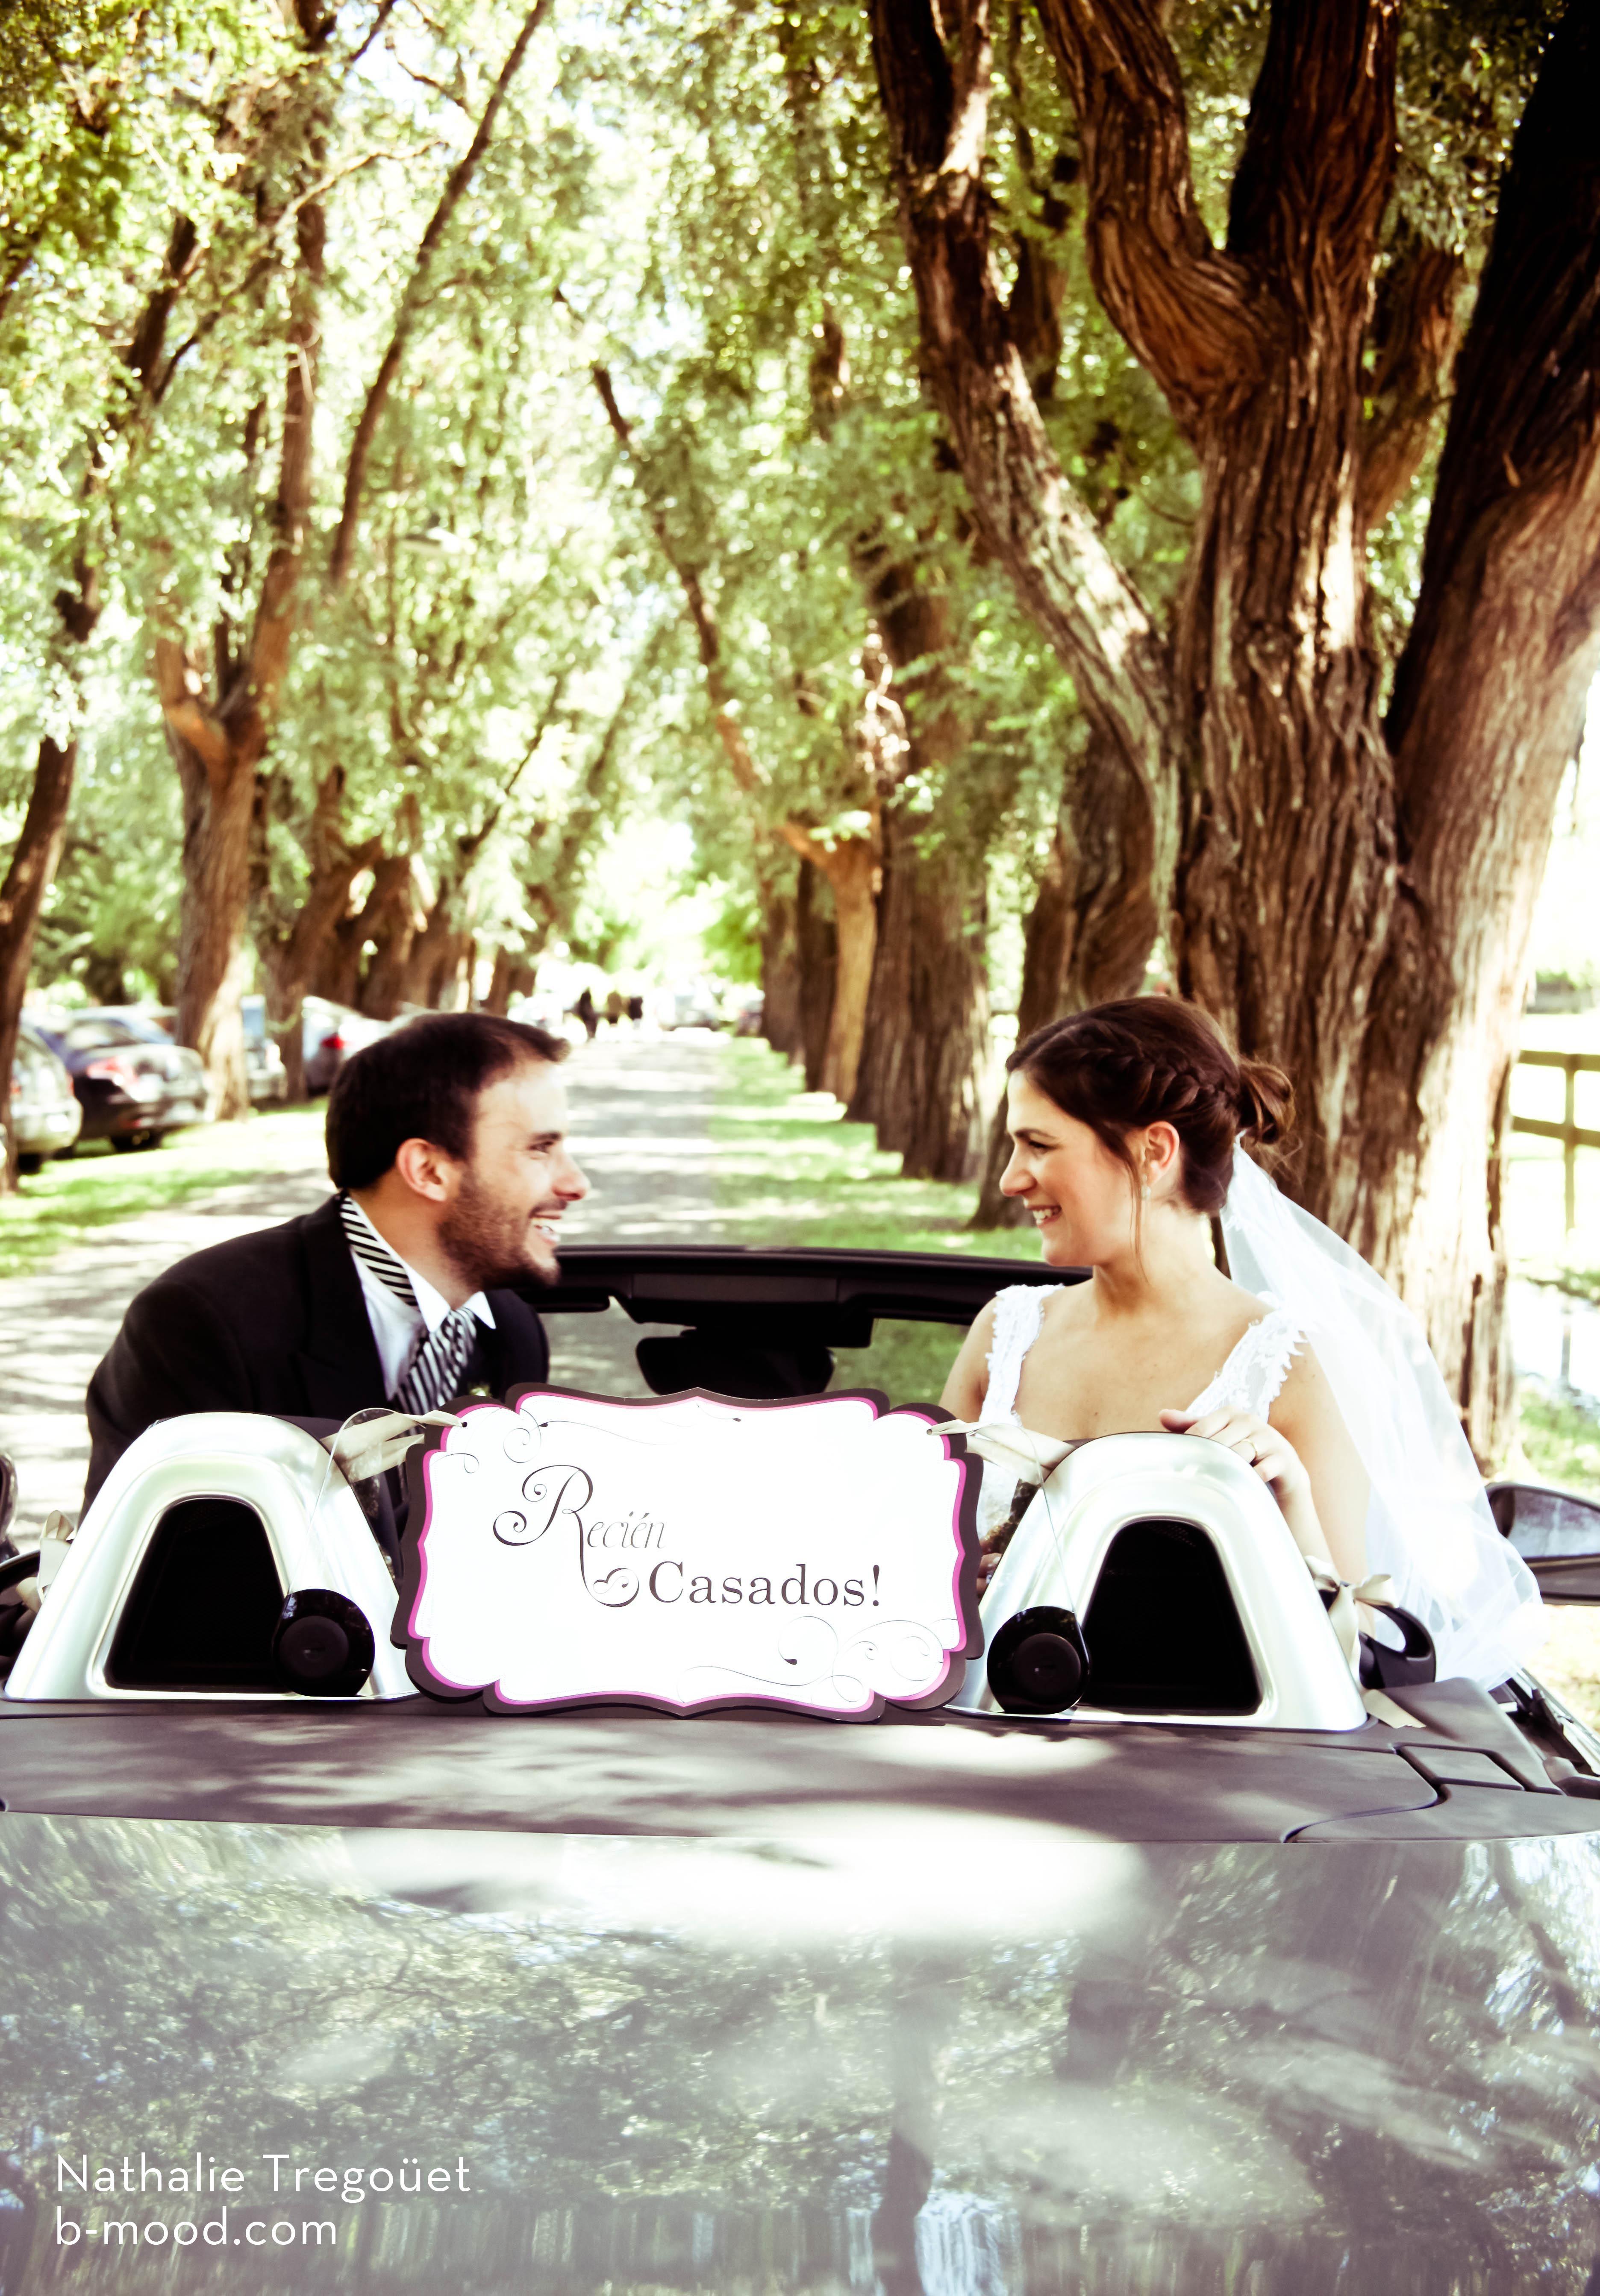 cartel de recién casados para auto